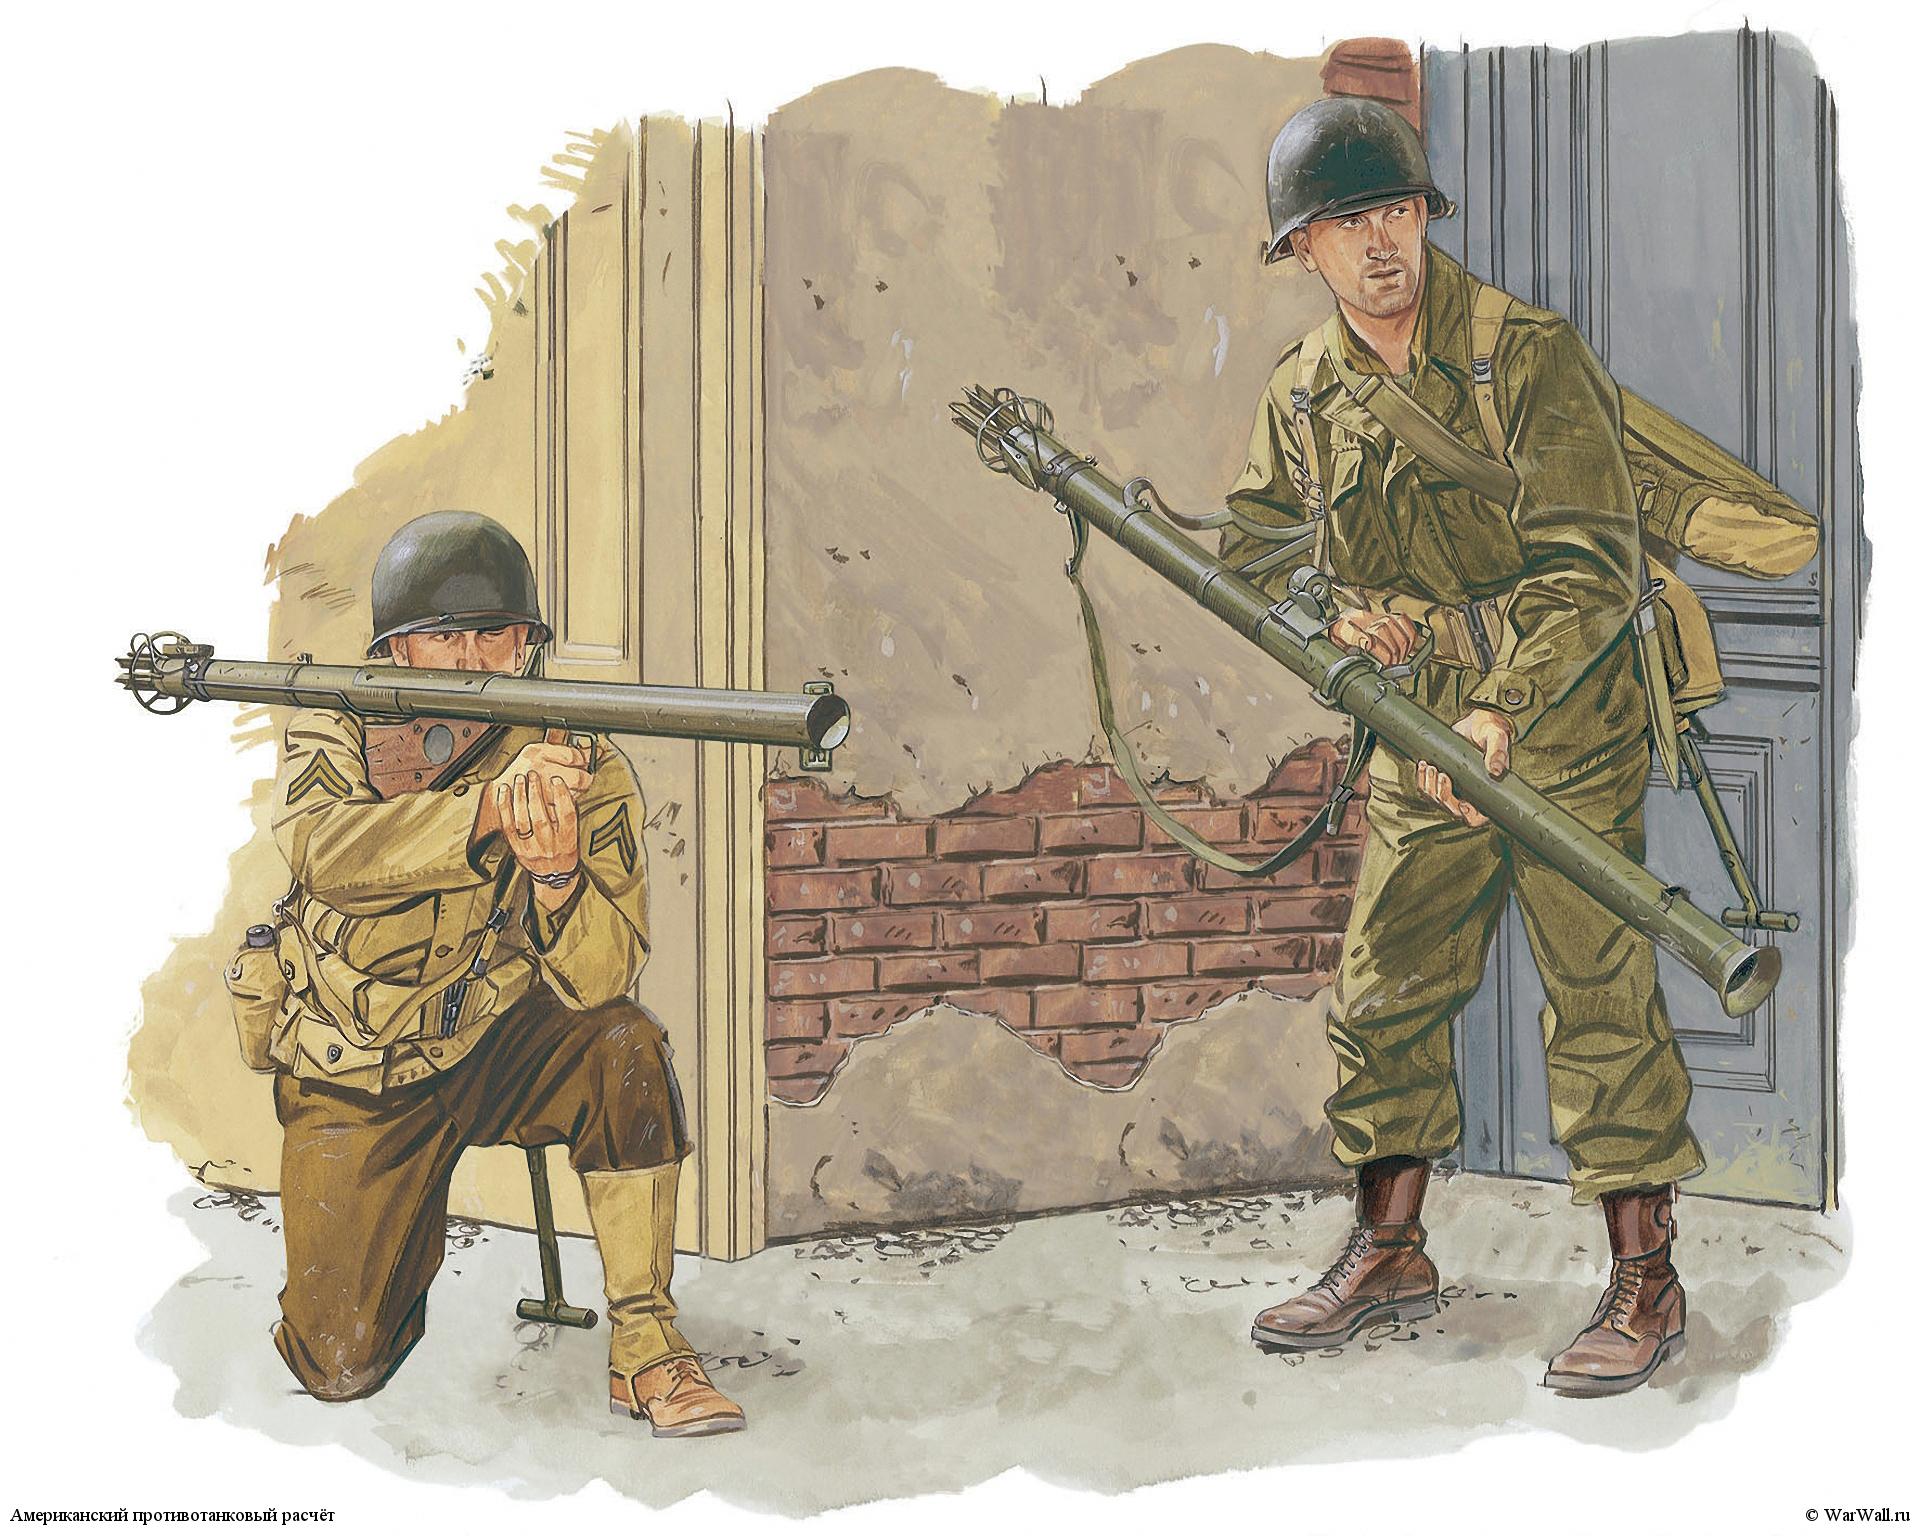 рисунок Американский противотанковый расчёт WW2